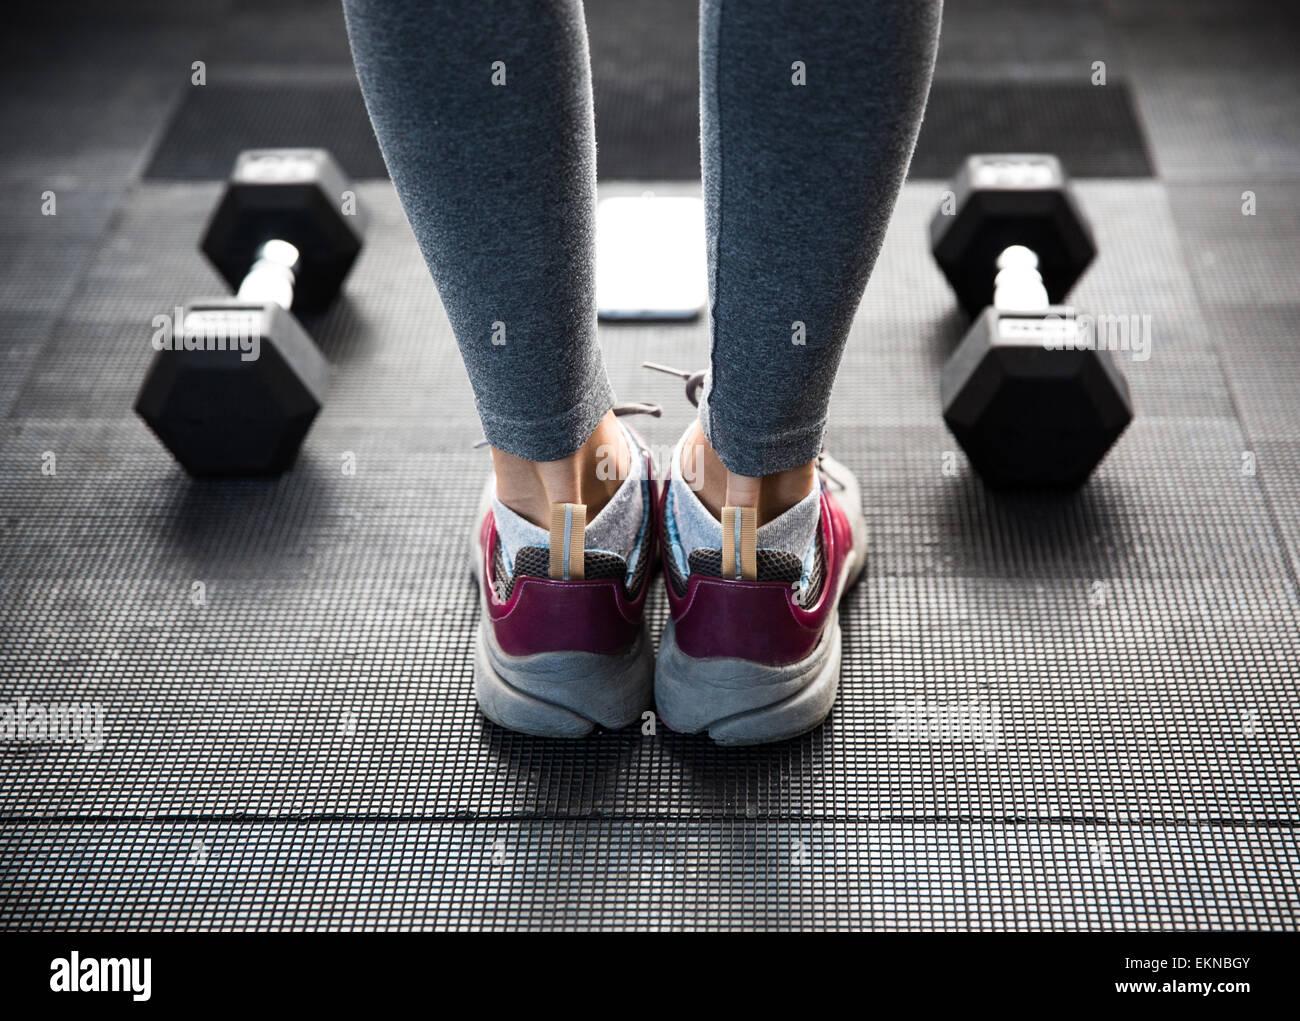 Primer plano de la imagen de una mujer piernas en gimnasio Foto de stock